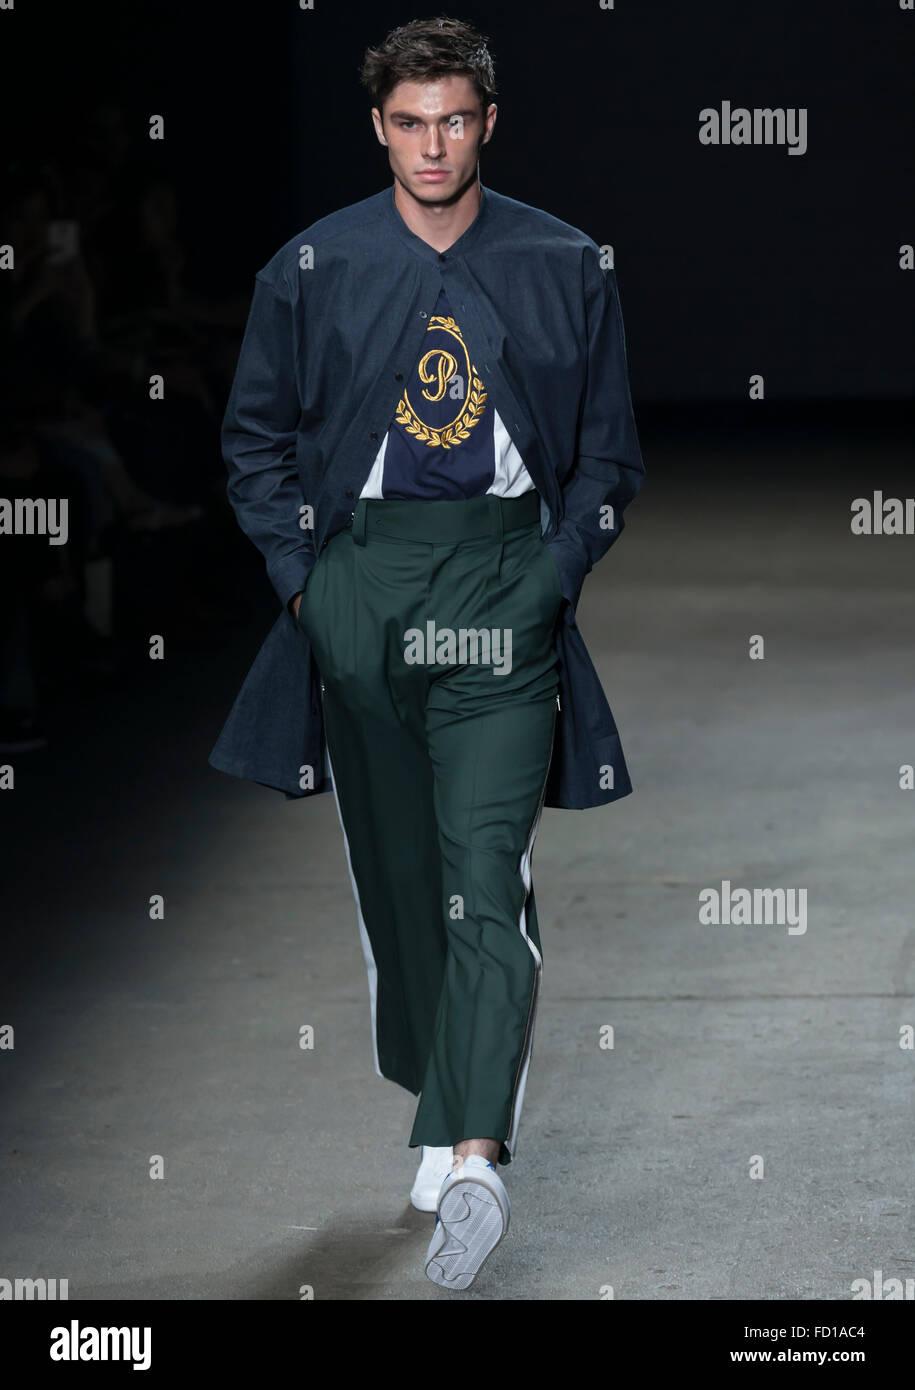 Nueva York, NY, 14 de julio de 2015: Tyler Recher camina la pista durante el concepto Corea muestran en NYFW hombres Imagen De Stock